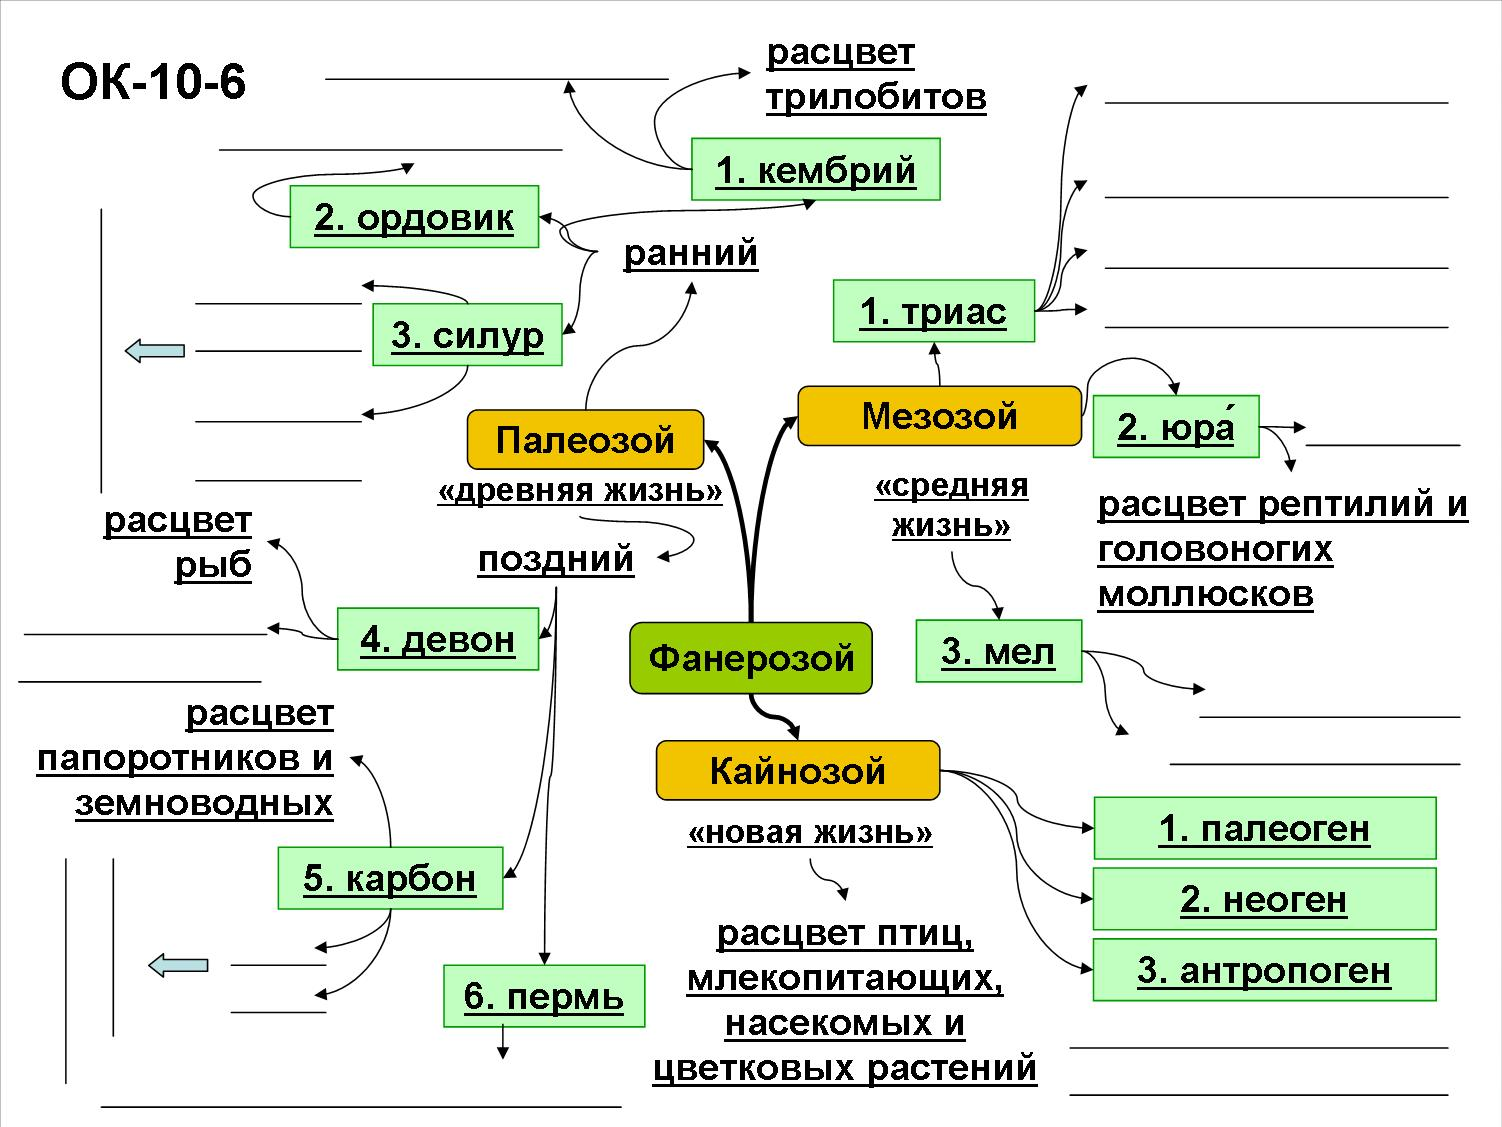 http://biologia.sch690.ru/DswMedia/ok-10-6fanerozoy.jpg